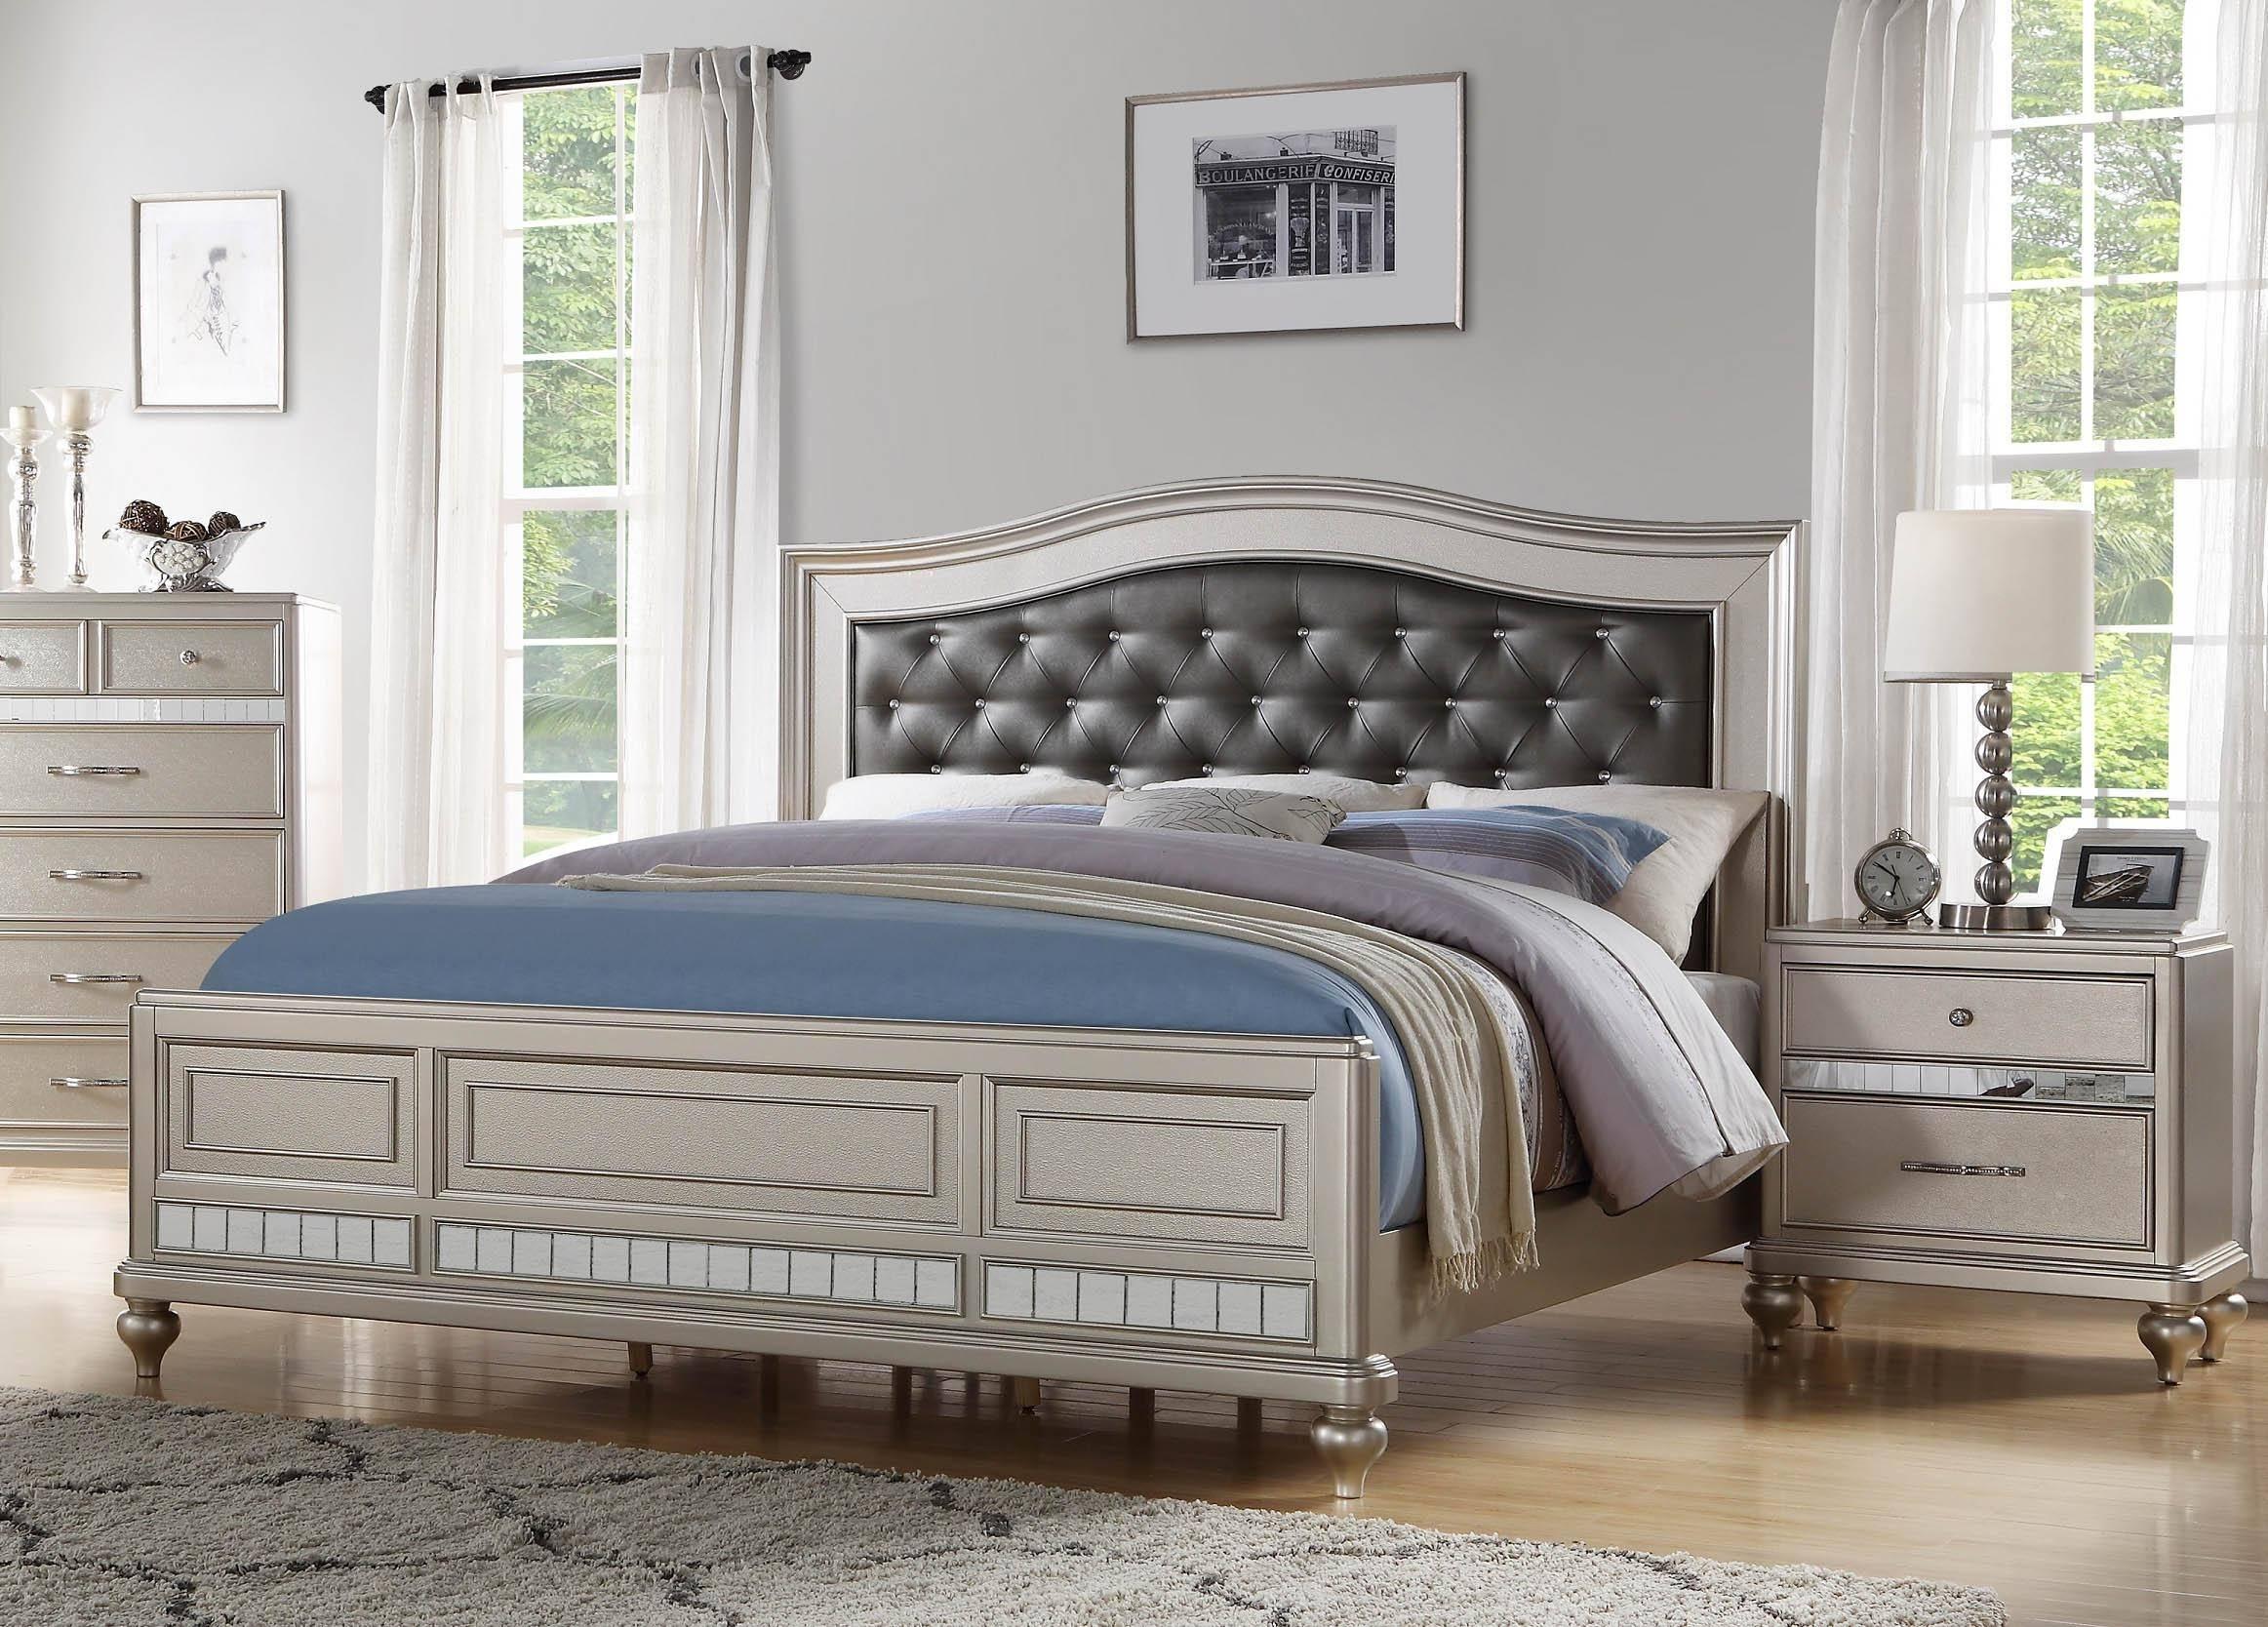 . McFerran B520 King Platform Bedroom Set 5 Pcs in Silver  Light Gray  Vinyl